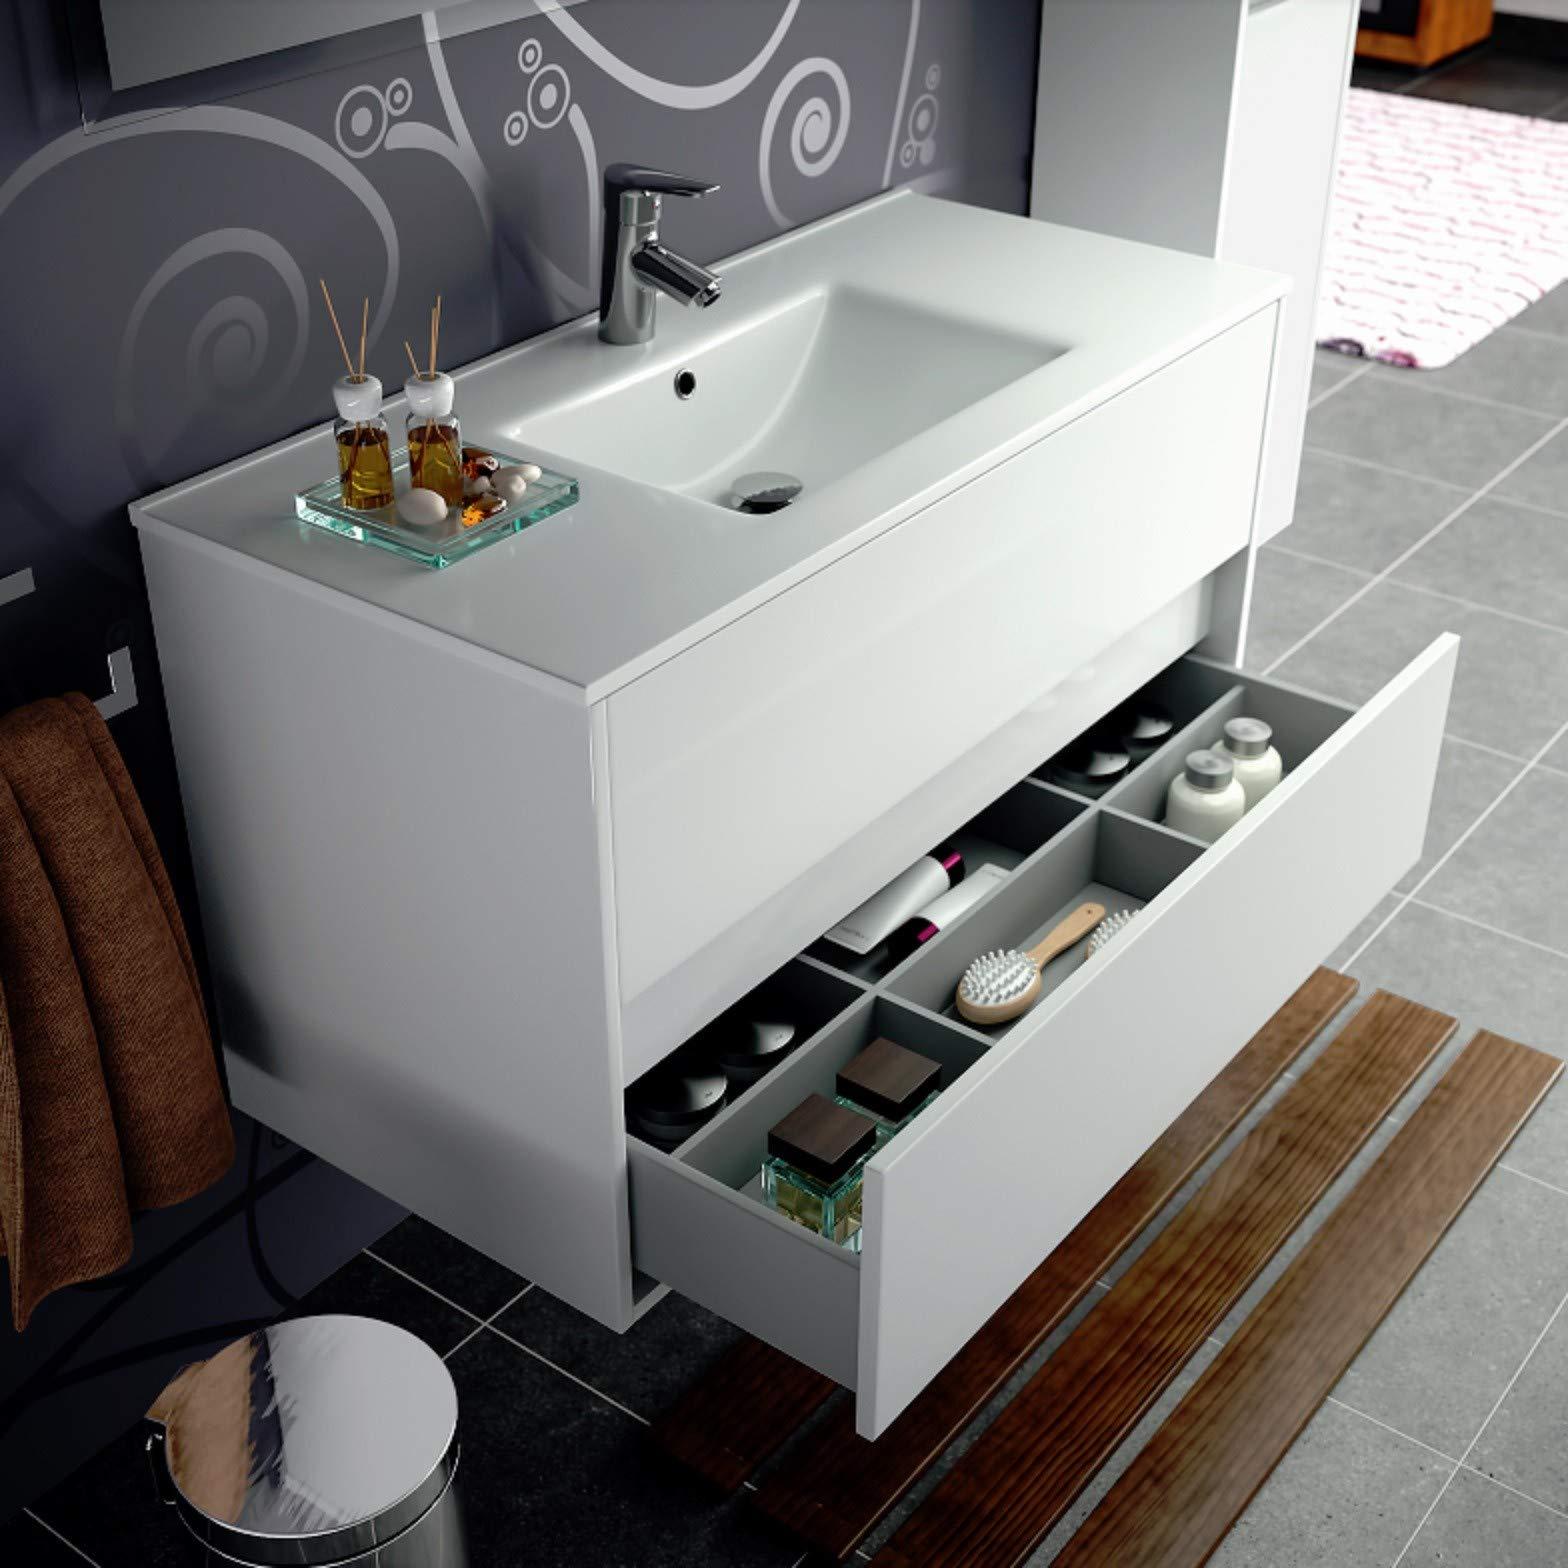 Salgar noja 700 - Mueble noja 700 lavabo suspendido/a blanco: Amazon.es: Bricolaje y herramientas